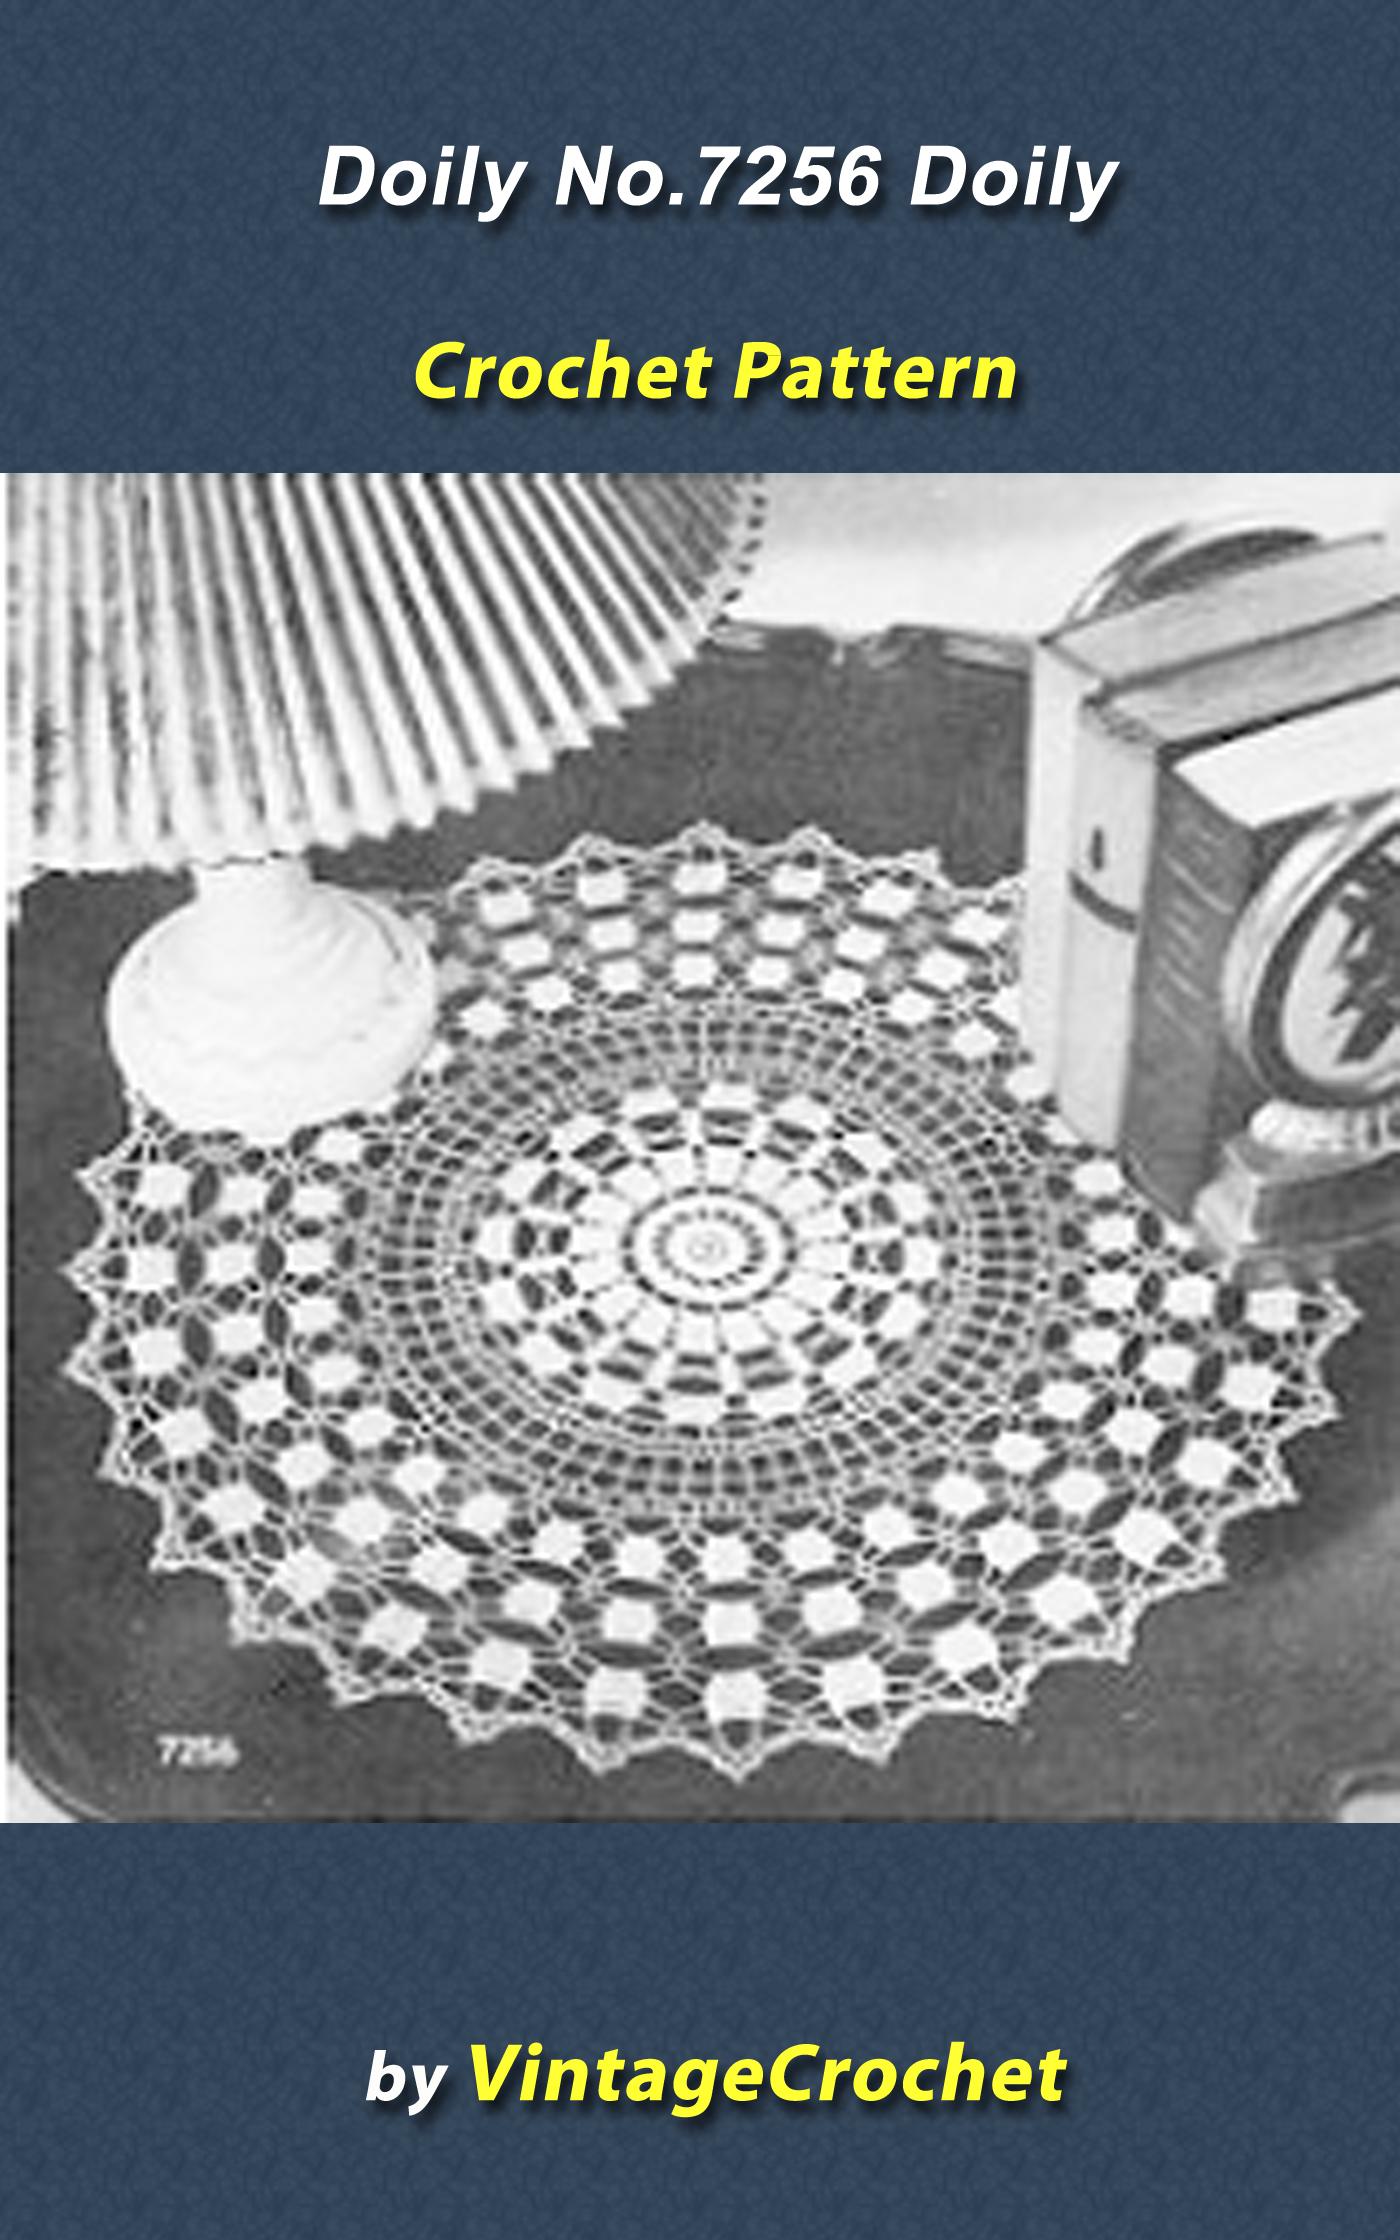 Doily No.7256 Vintage Crochet Pattern